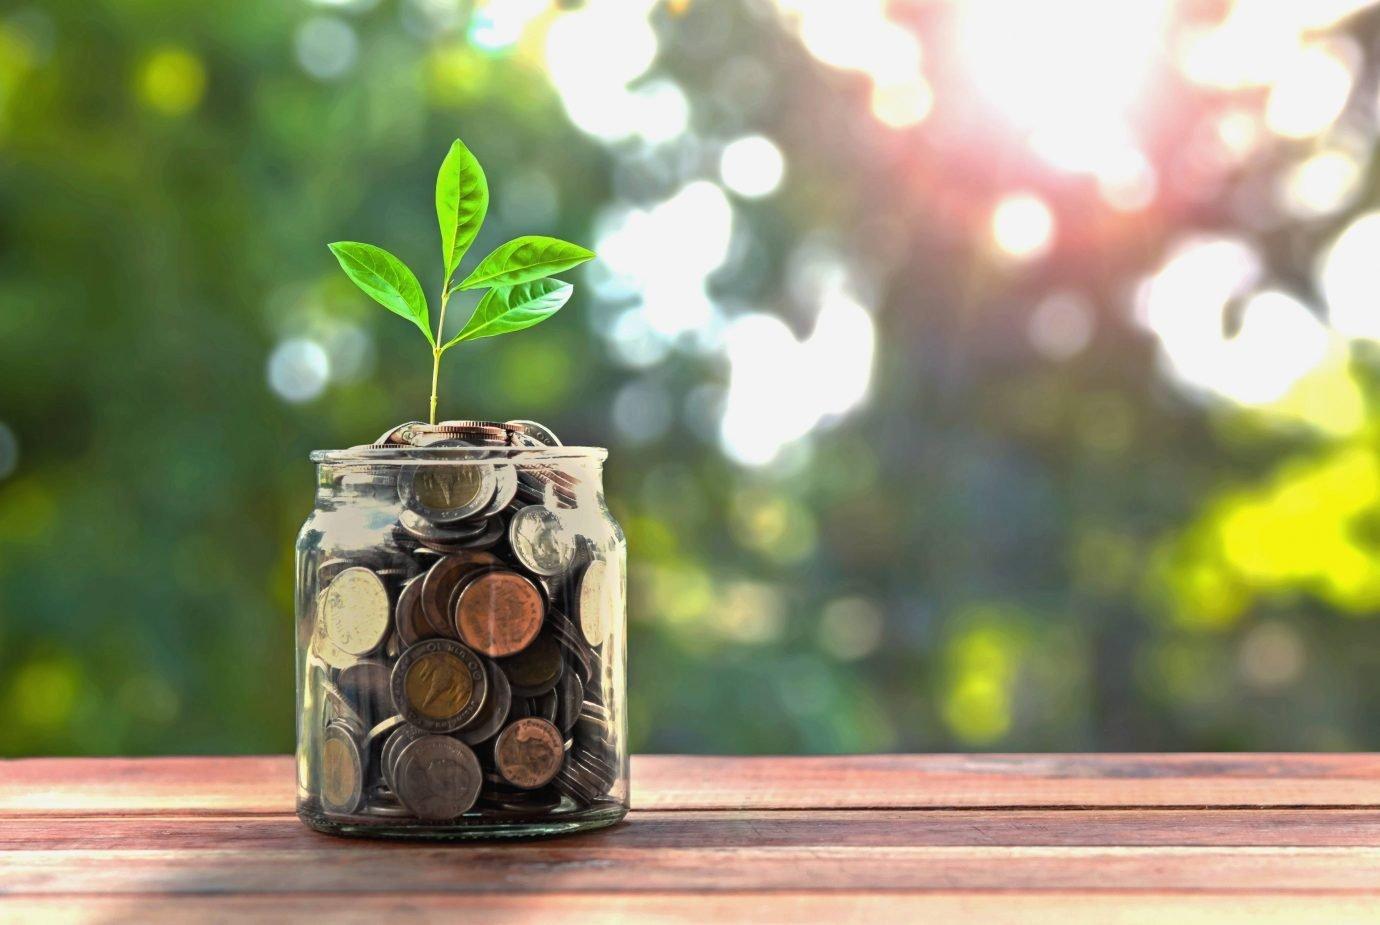 Moedas de dinheiro em vaso de planta: investimento